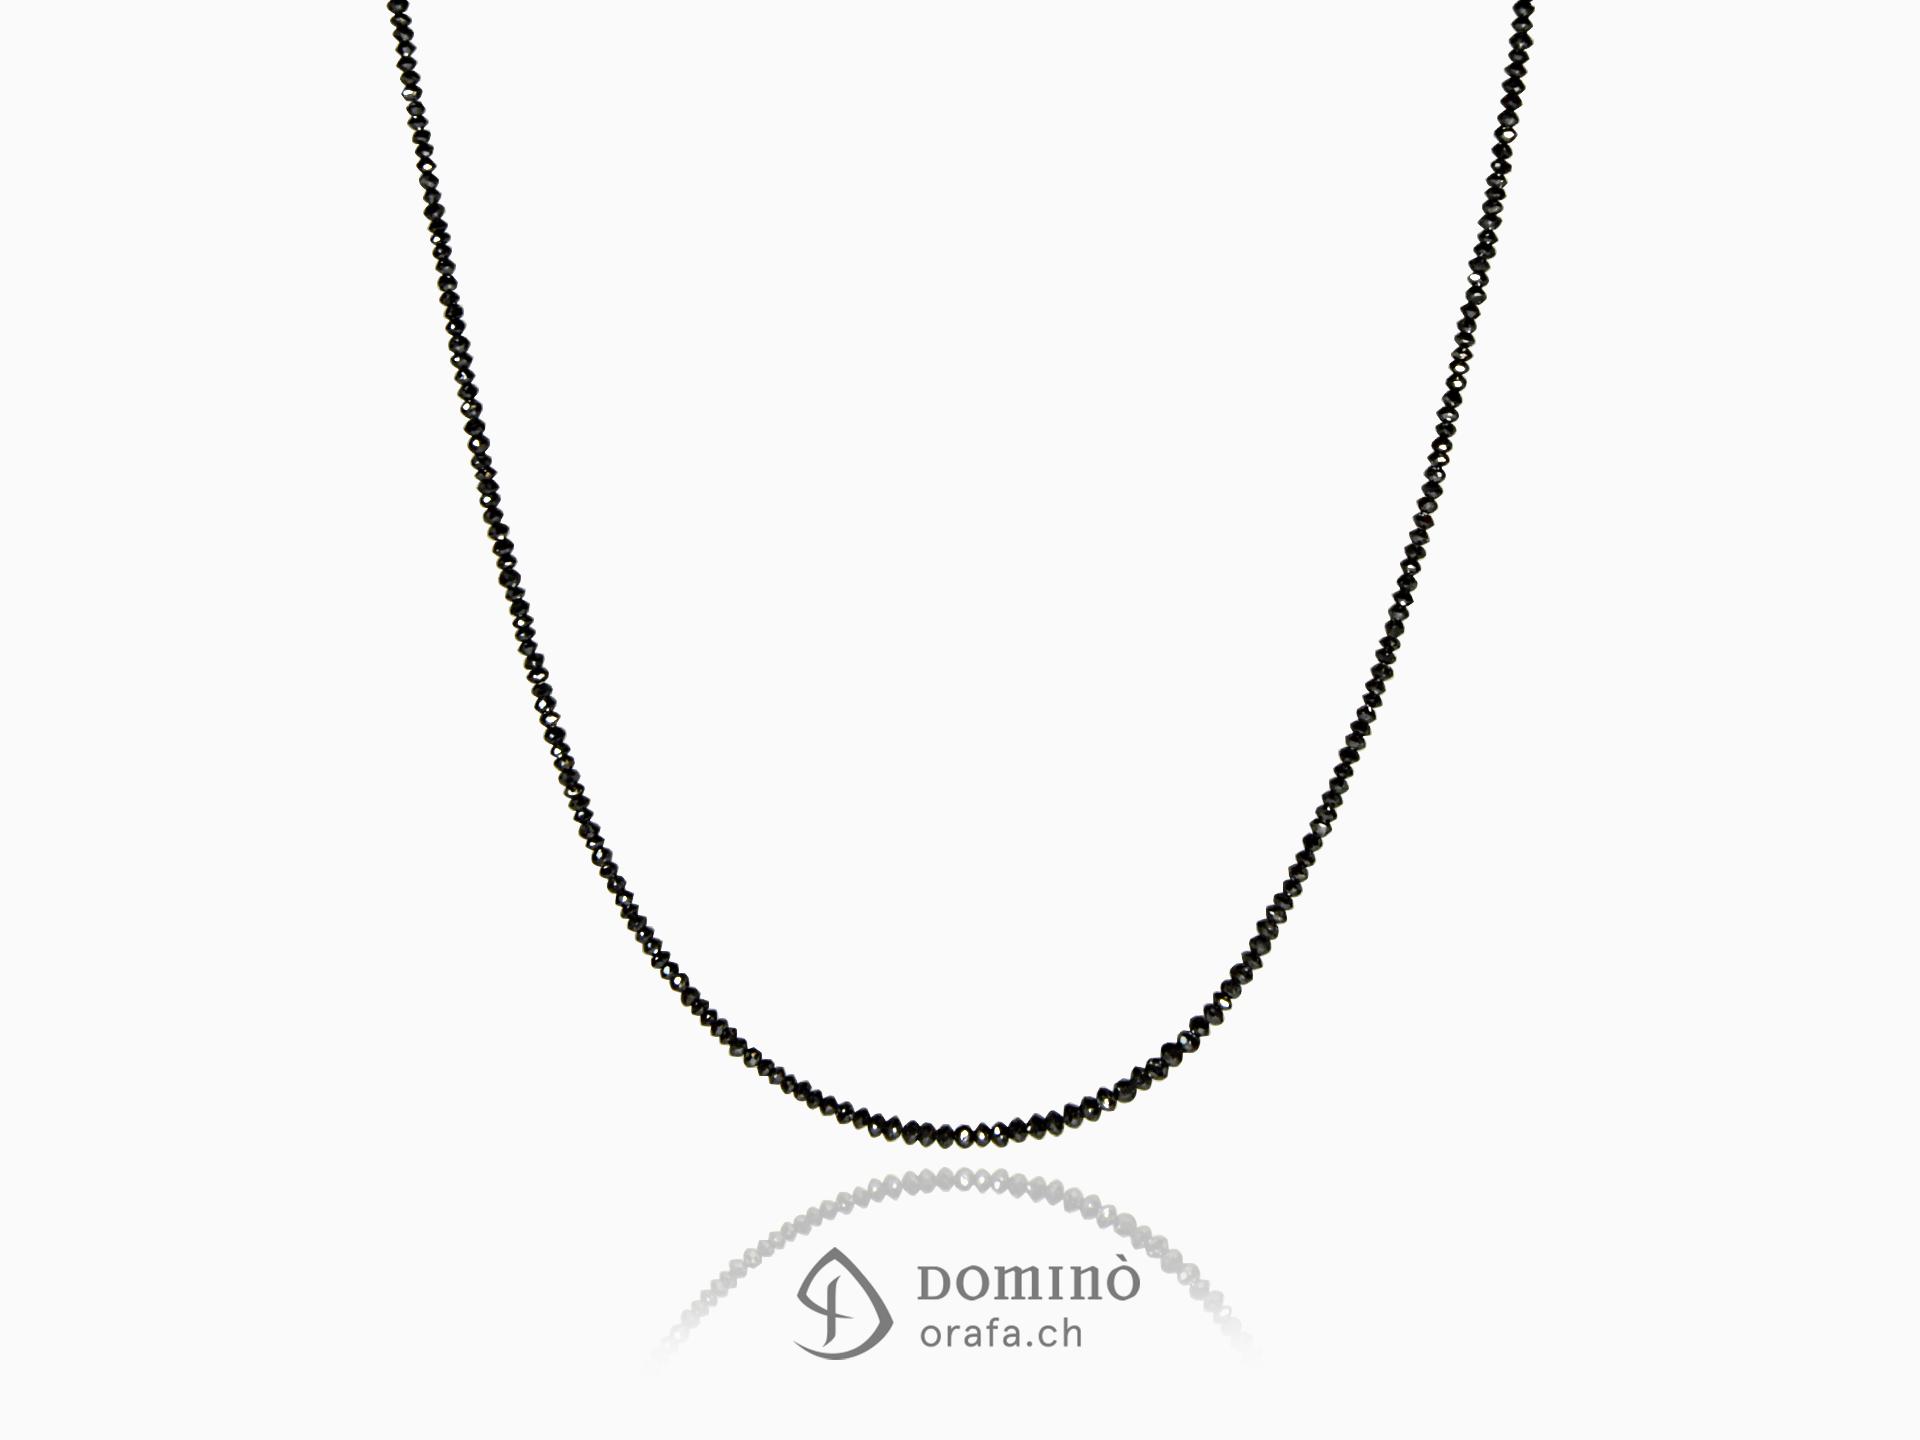 collier-diamanti-neri-oro-bianco-oro-bianco